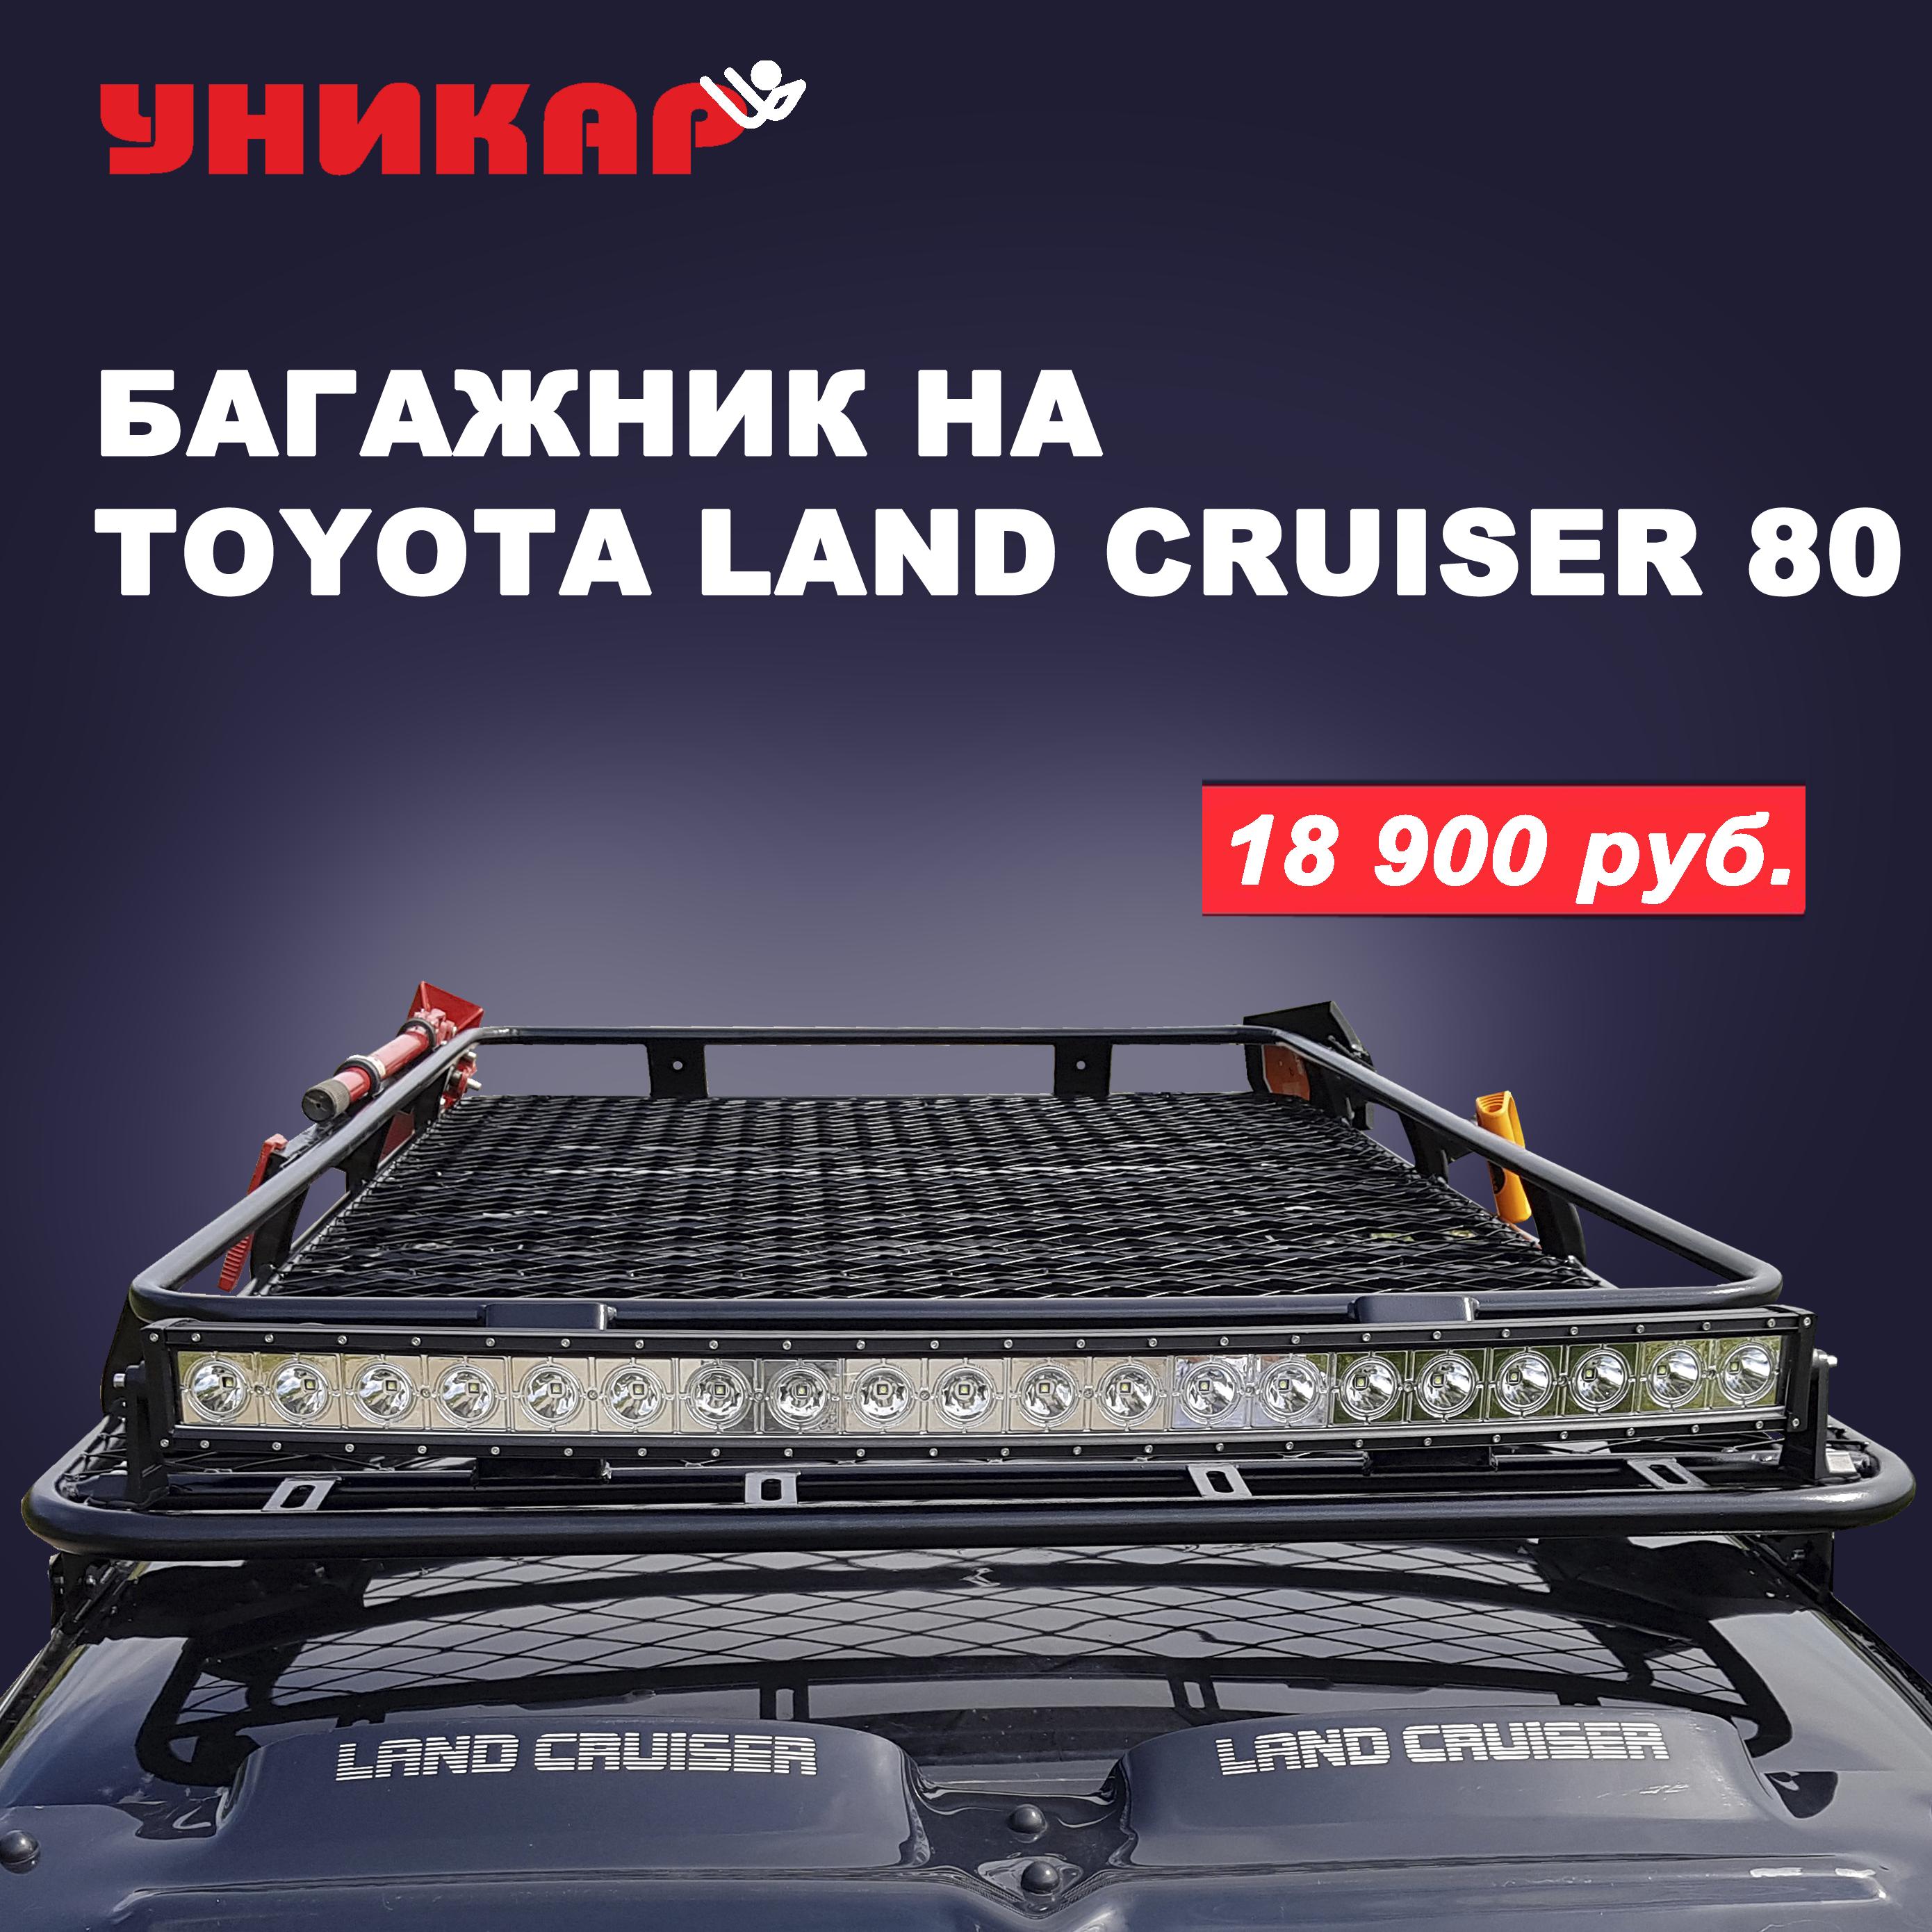 Багажники на Toyota Land Cruiser 80